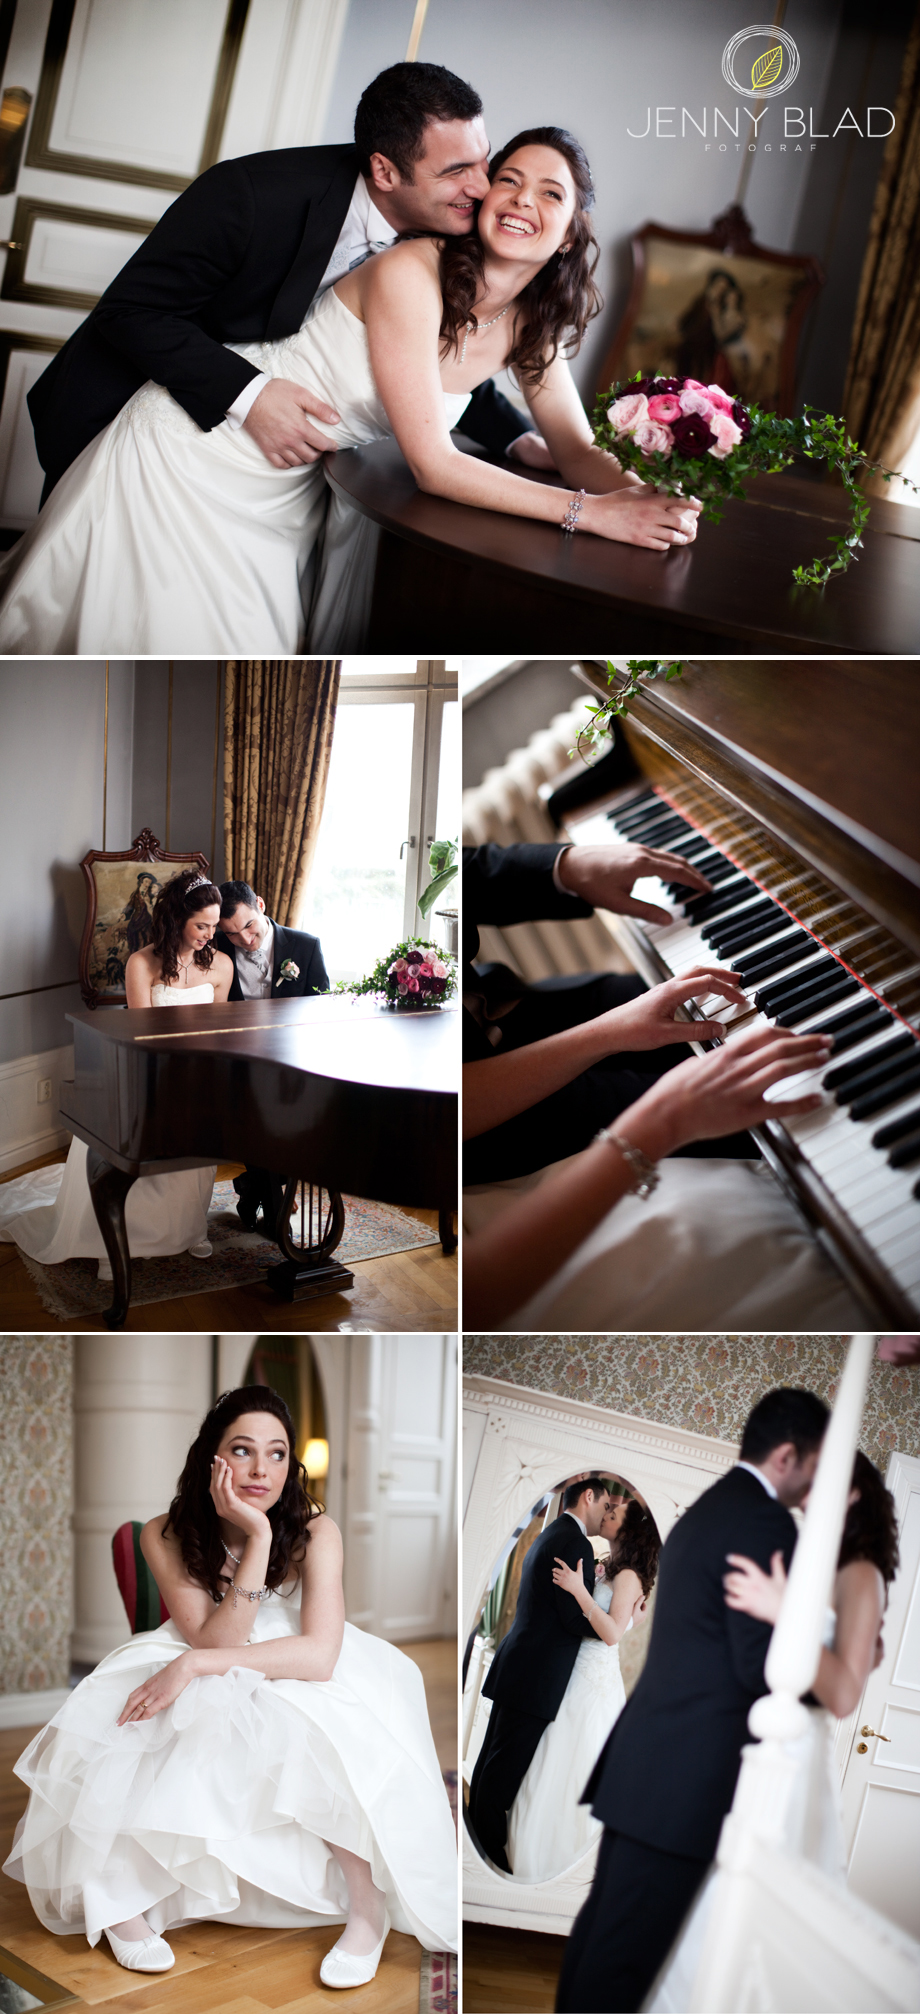 Bröllop på slottet av Jenny Blad 3